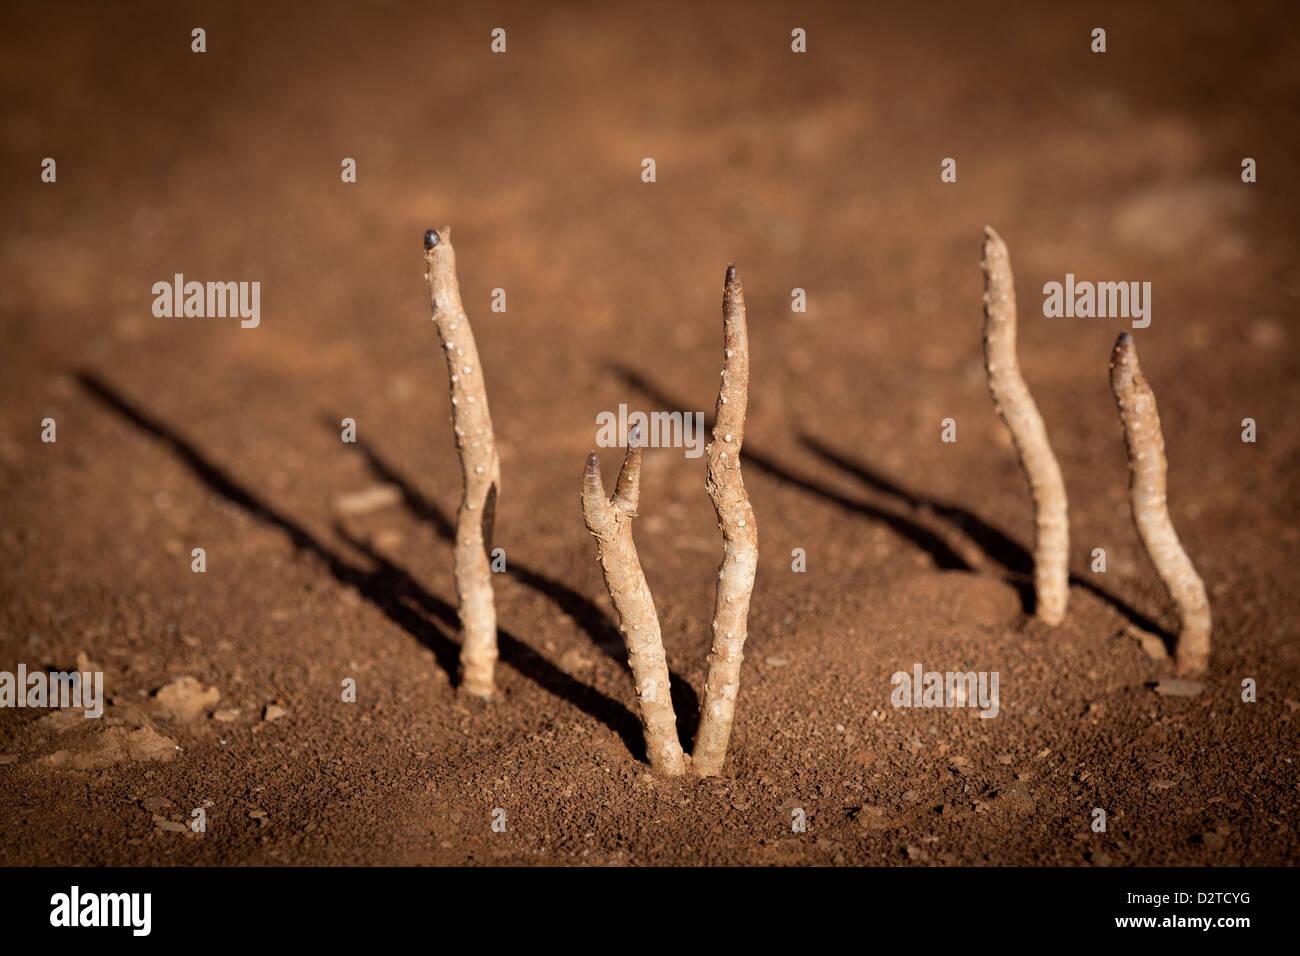 Les petites plantes dans le sol sec de Sarigua national park (désert), Herrera province, République du Photo Stock